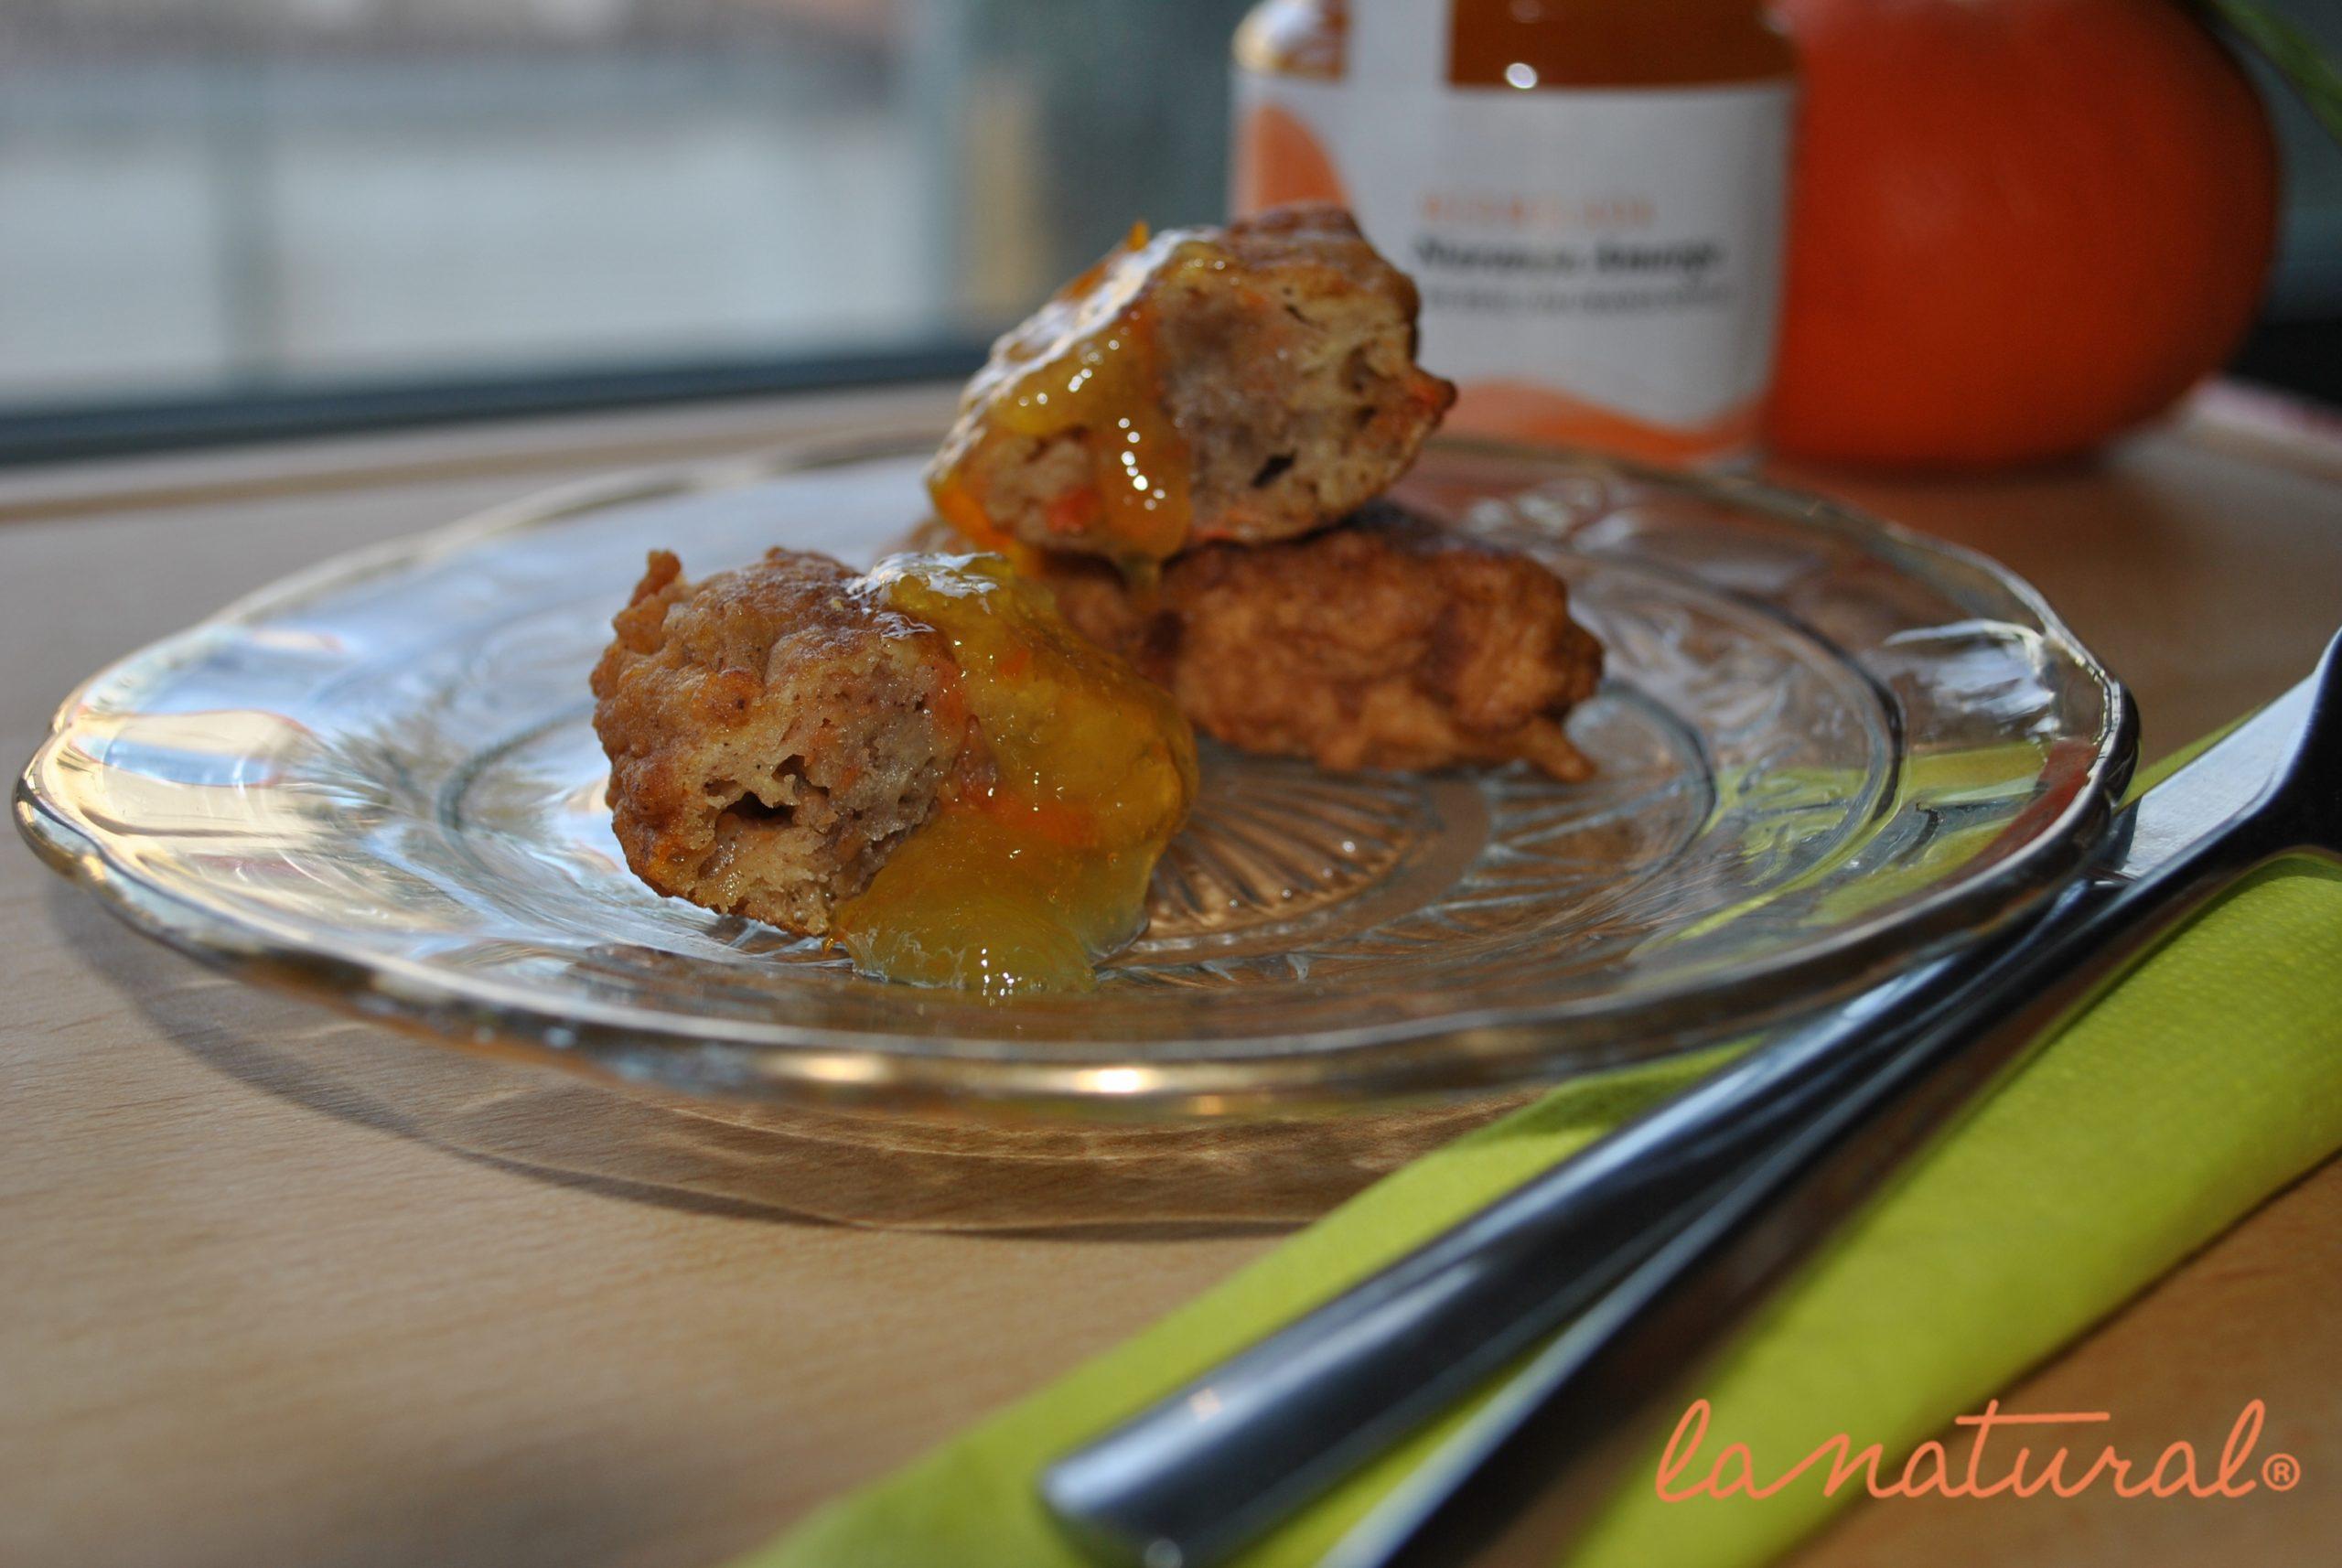 Torrijas de zanahoria y manzana con mermelada de naranja amarga